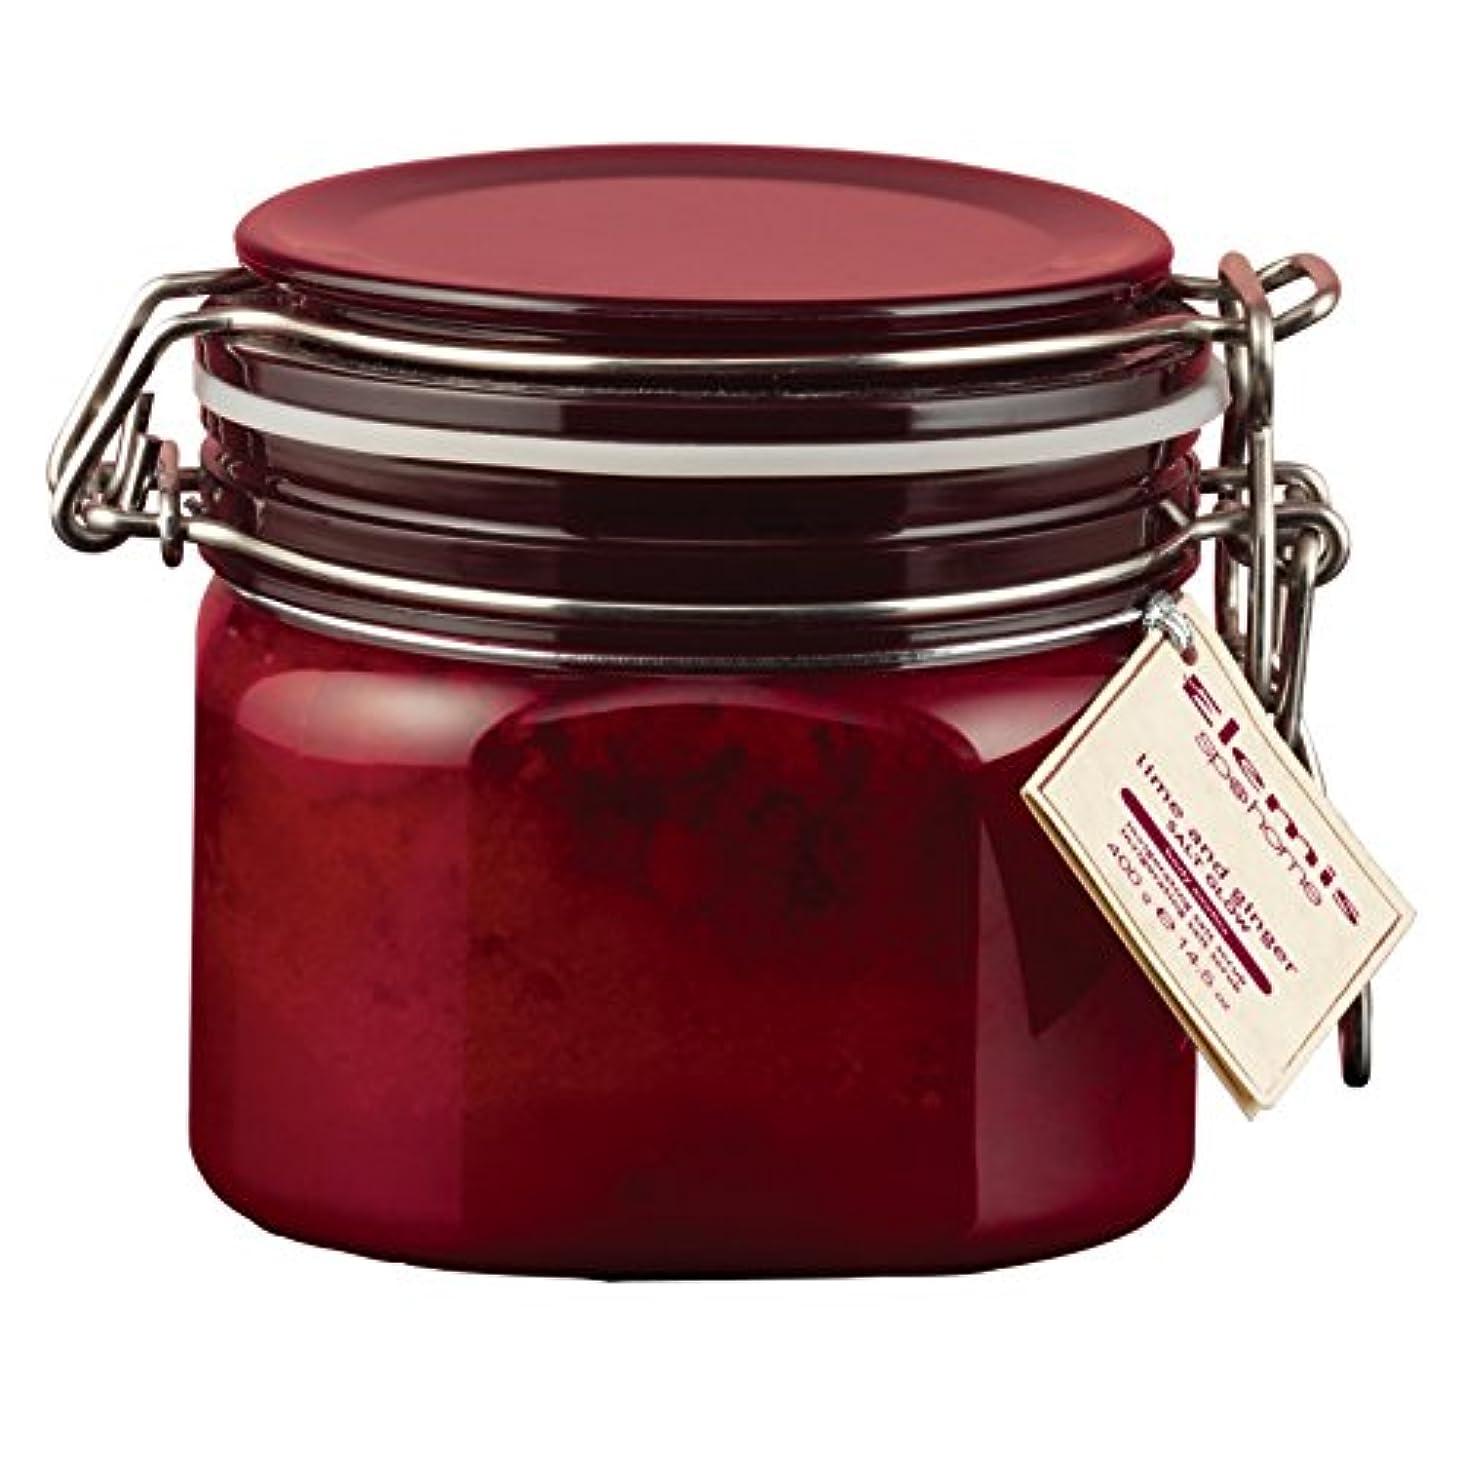 階サワー野球エレミスライムとジンジャーソルトグロー410グラム (Elemis) (x2) - Elemis Lime and Ginger Salt Glow 410g (Pack of 2) [並行輸入品]